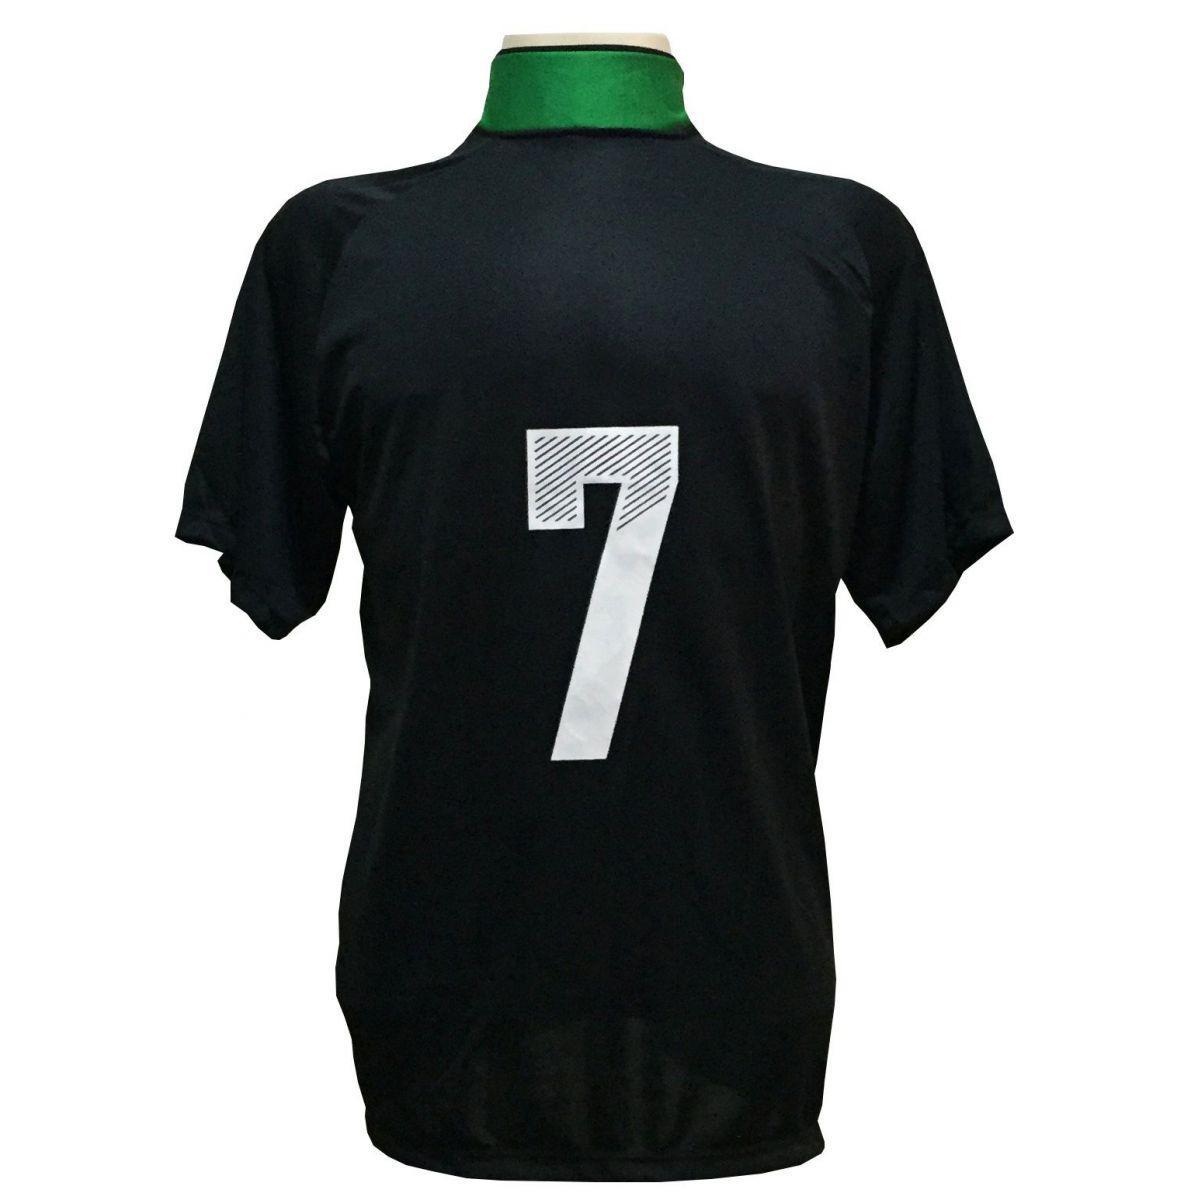 98e086d220c2d Uniforme Esportivo com 18 camisas modelo Milan Preto Verde + 18 calções  modelo Madrid Preto + Brindes - Play fair R  709